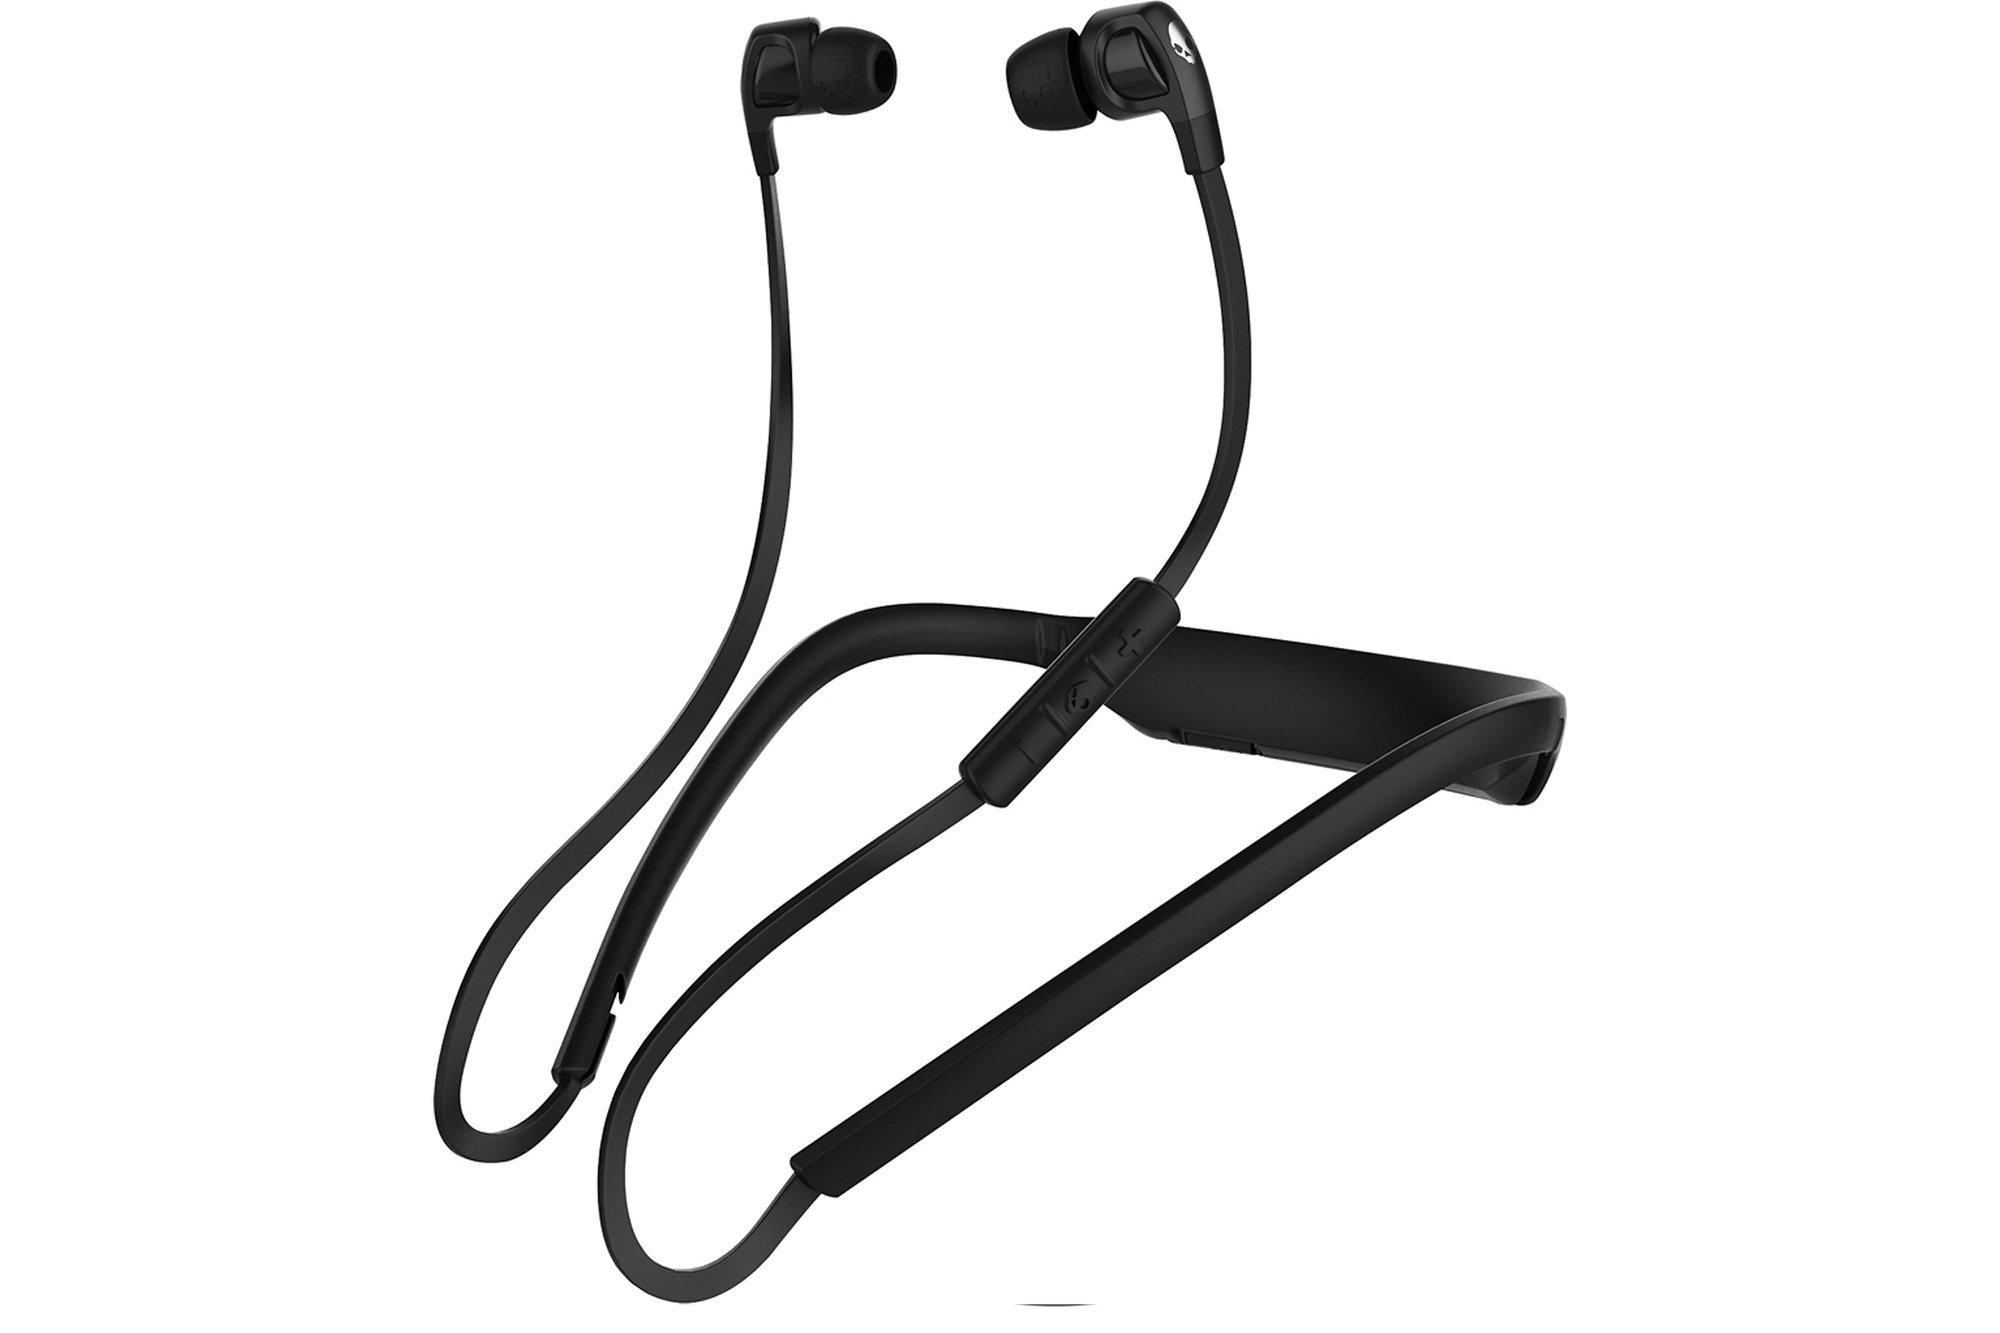 Skullcandy Smokin' Buds 2 Wireless In-Ear Headphones Black